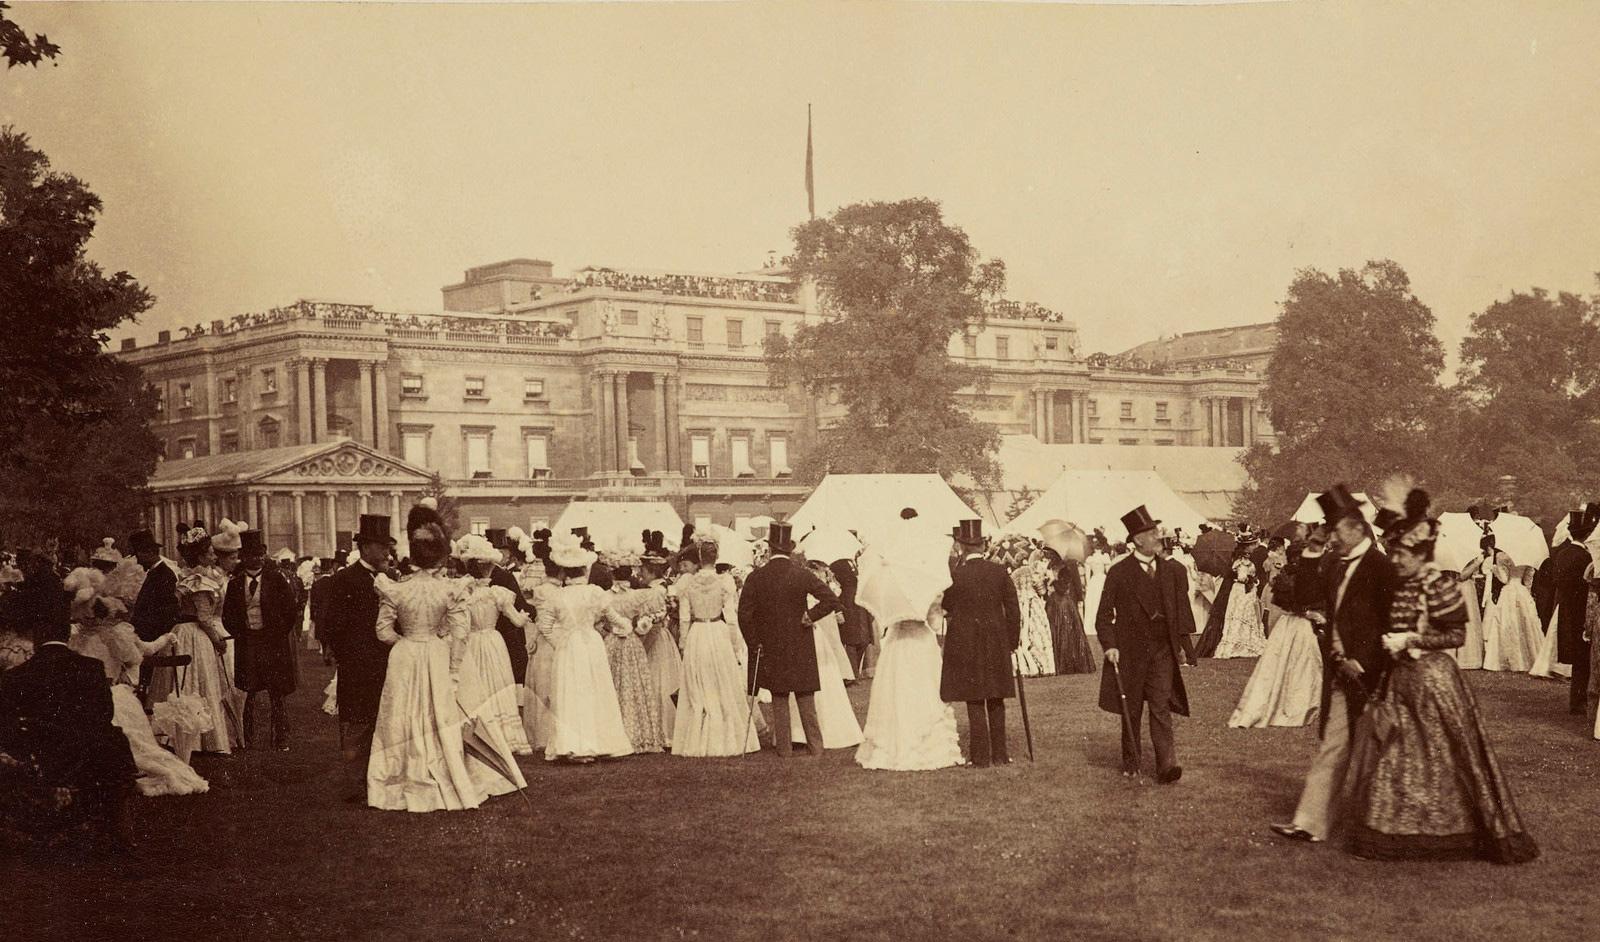 File:Diamond Jubilee Garden Party, Buckingham Palace, 1897.jpg ...